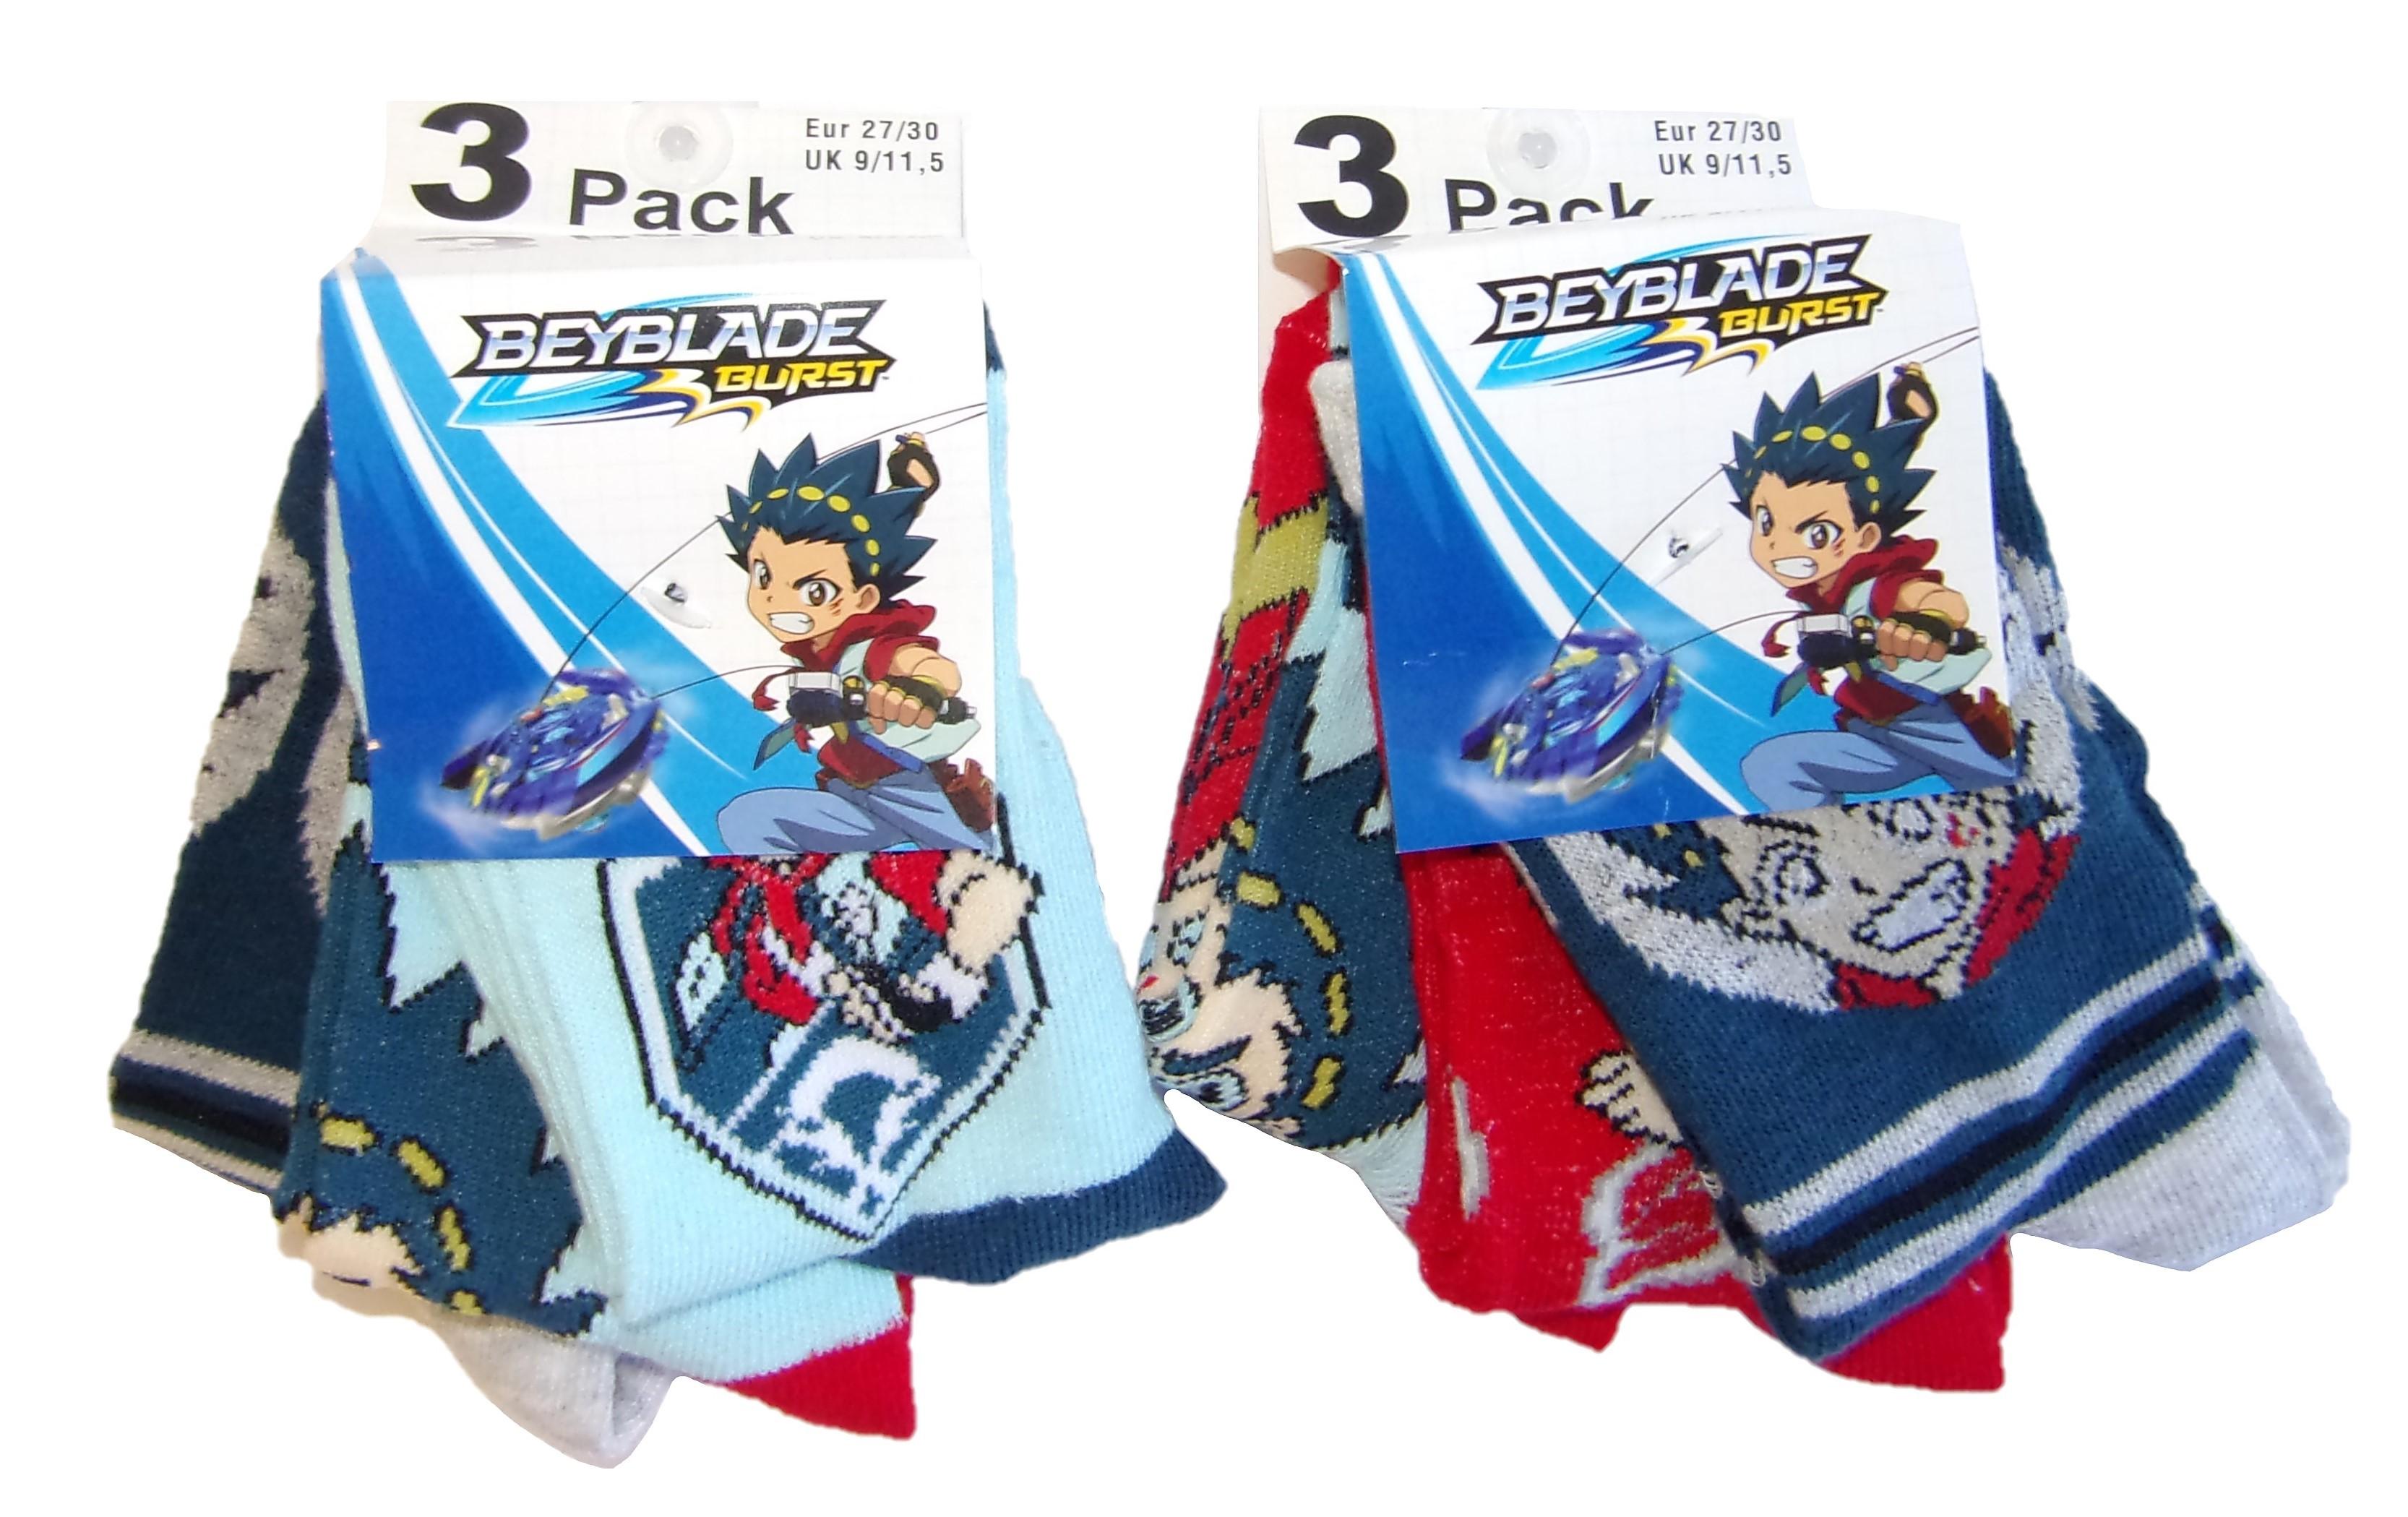 Beyblade Burst Socken für Kinder 27/30 (6er Pack)